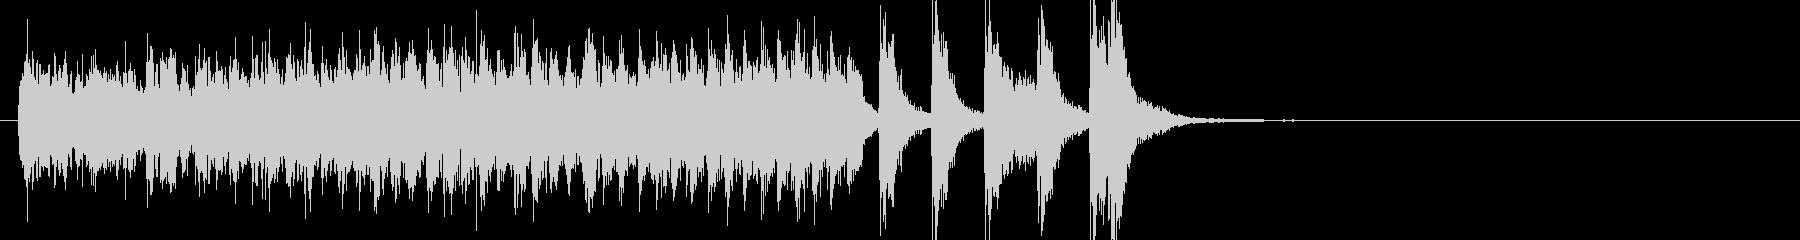 琴と尺八によるハイテンションの和風ポップの未再生の波形